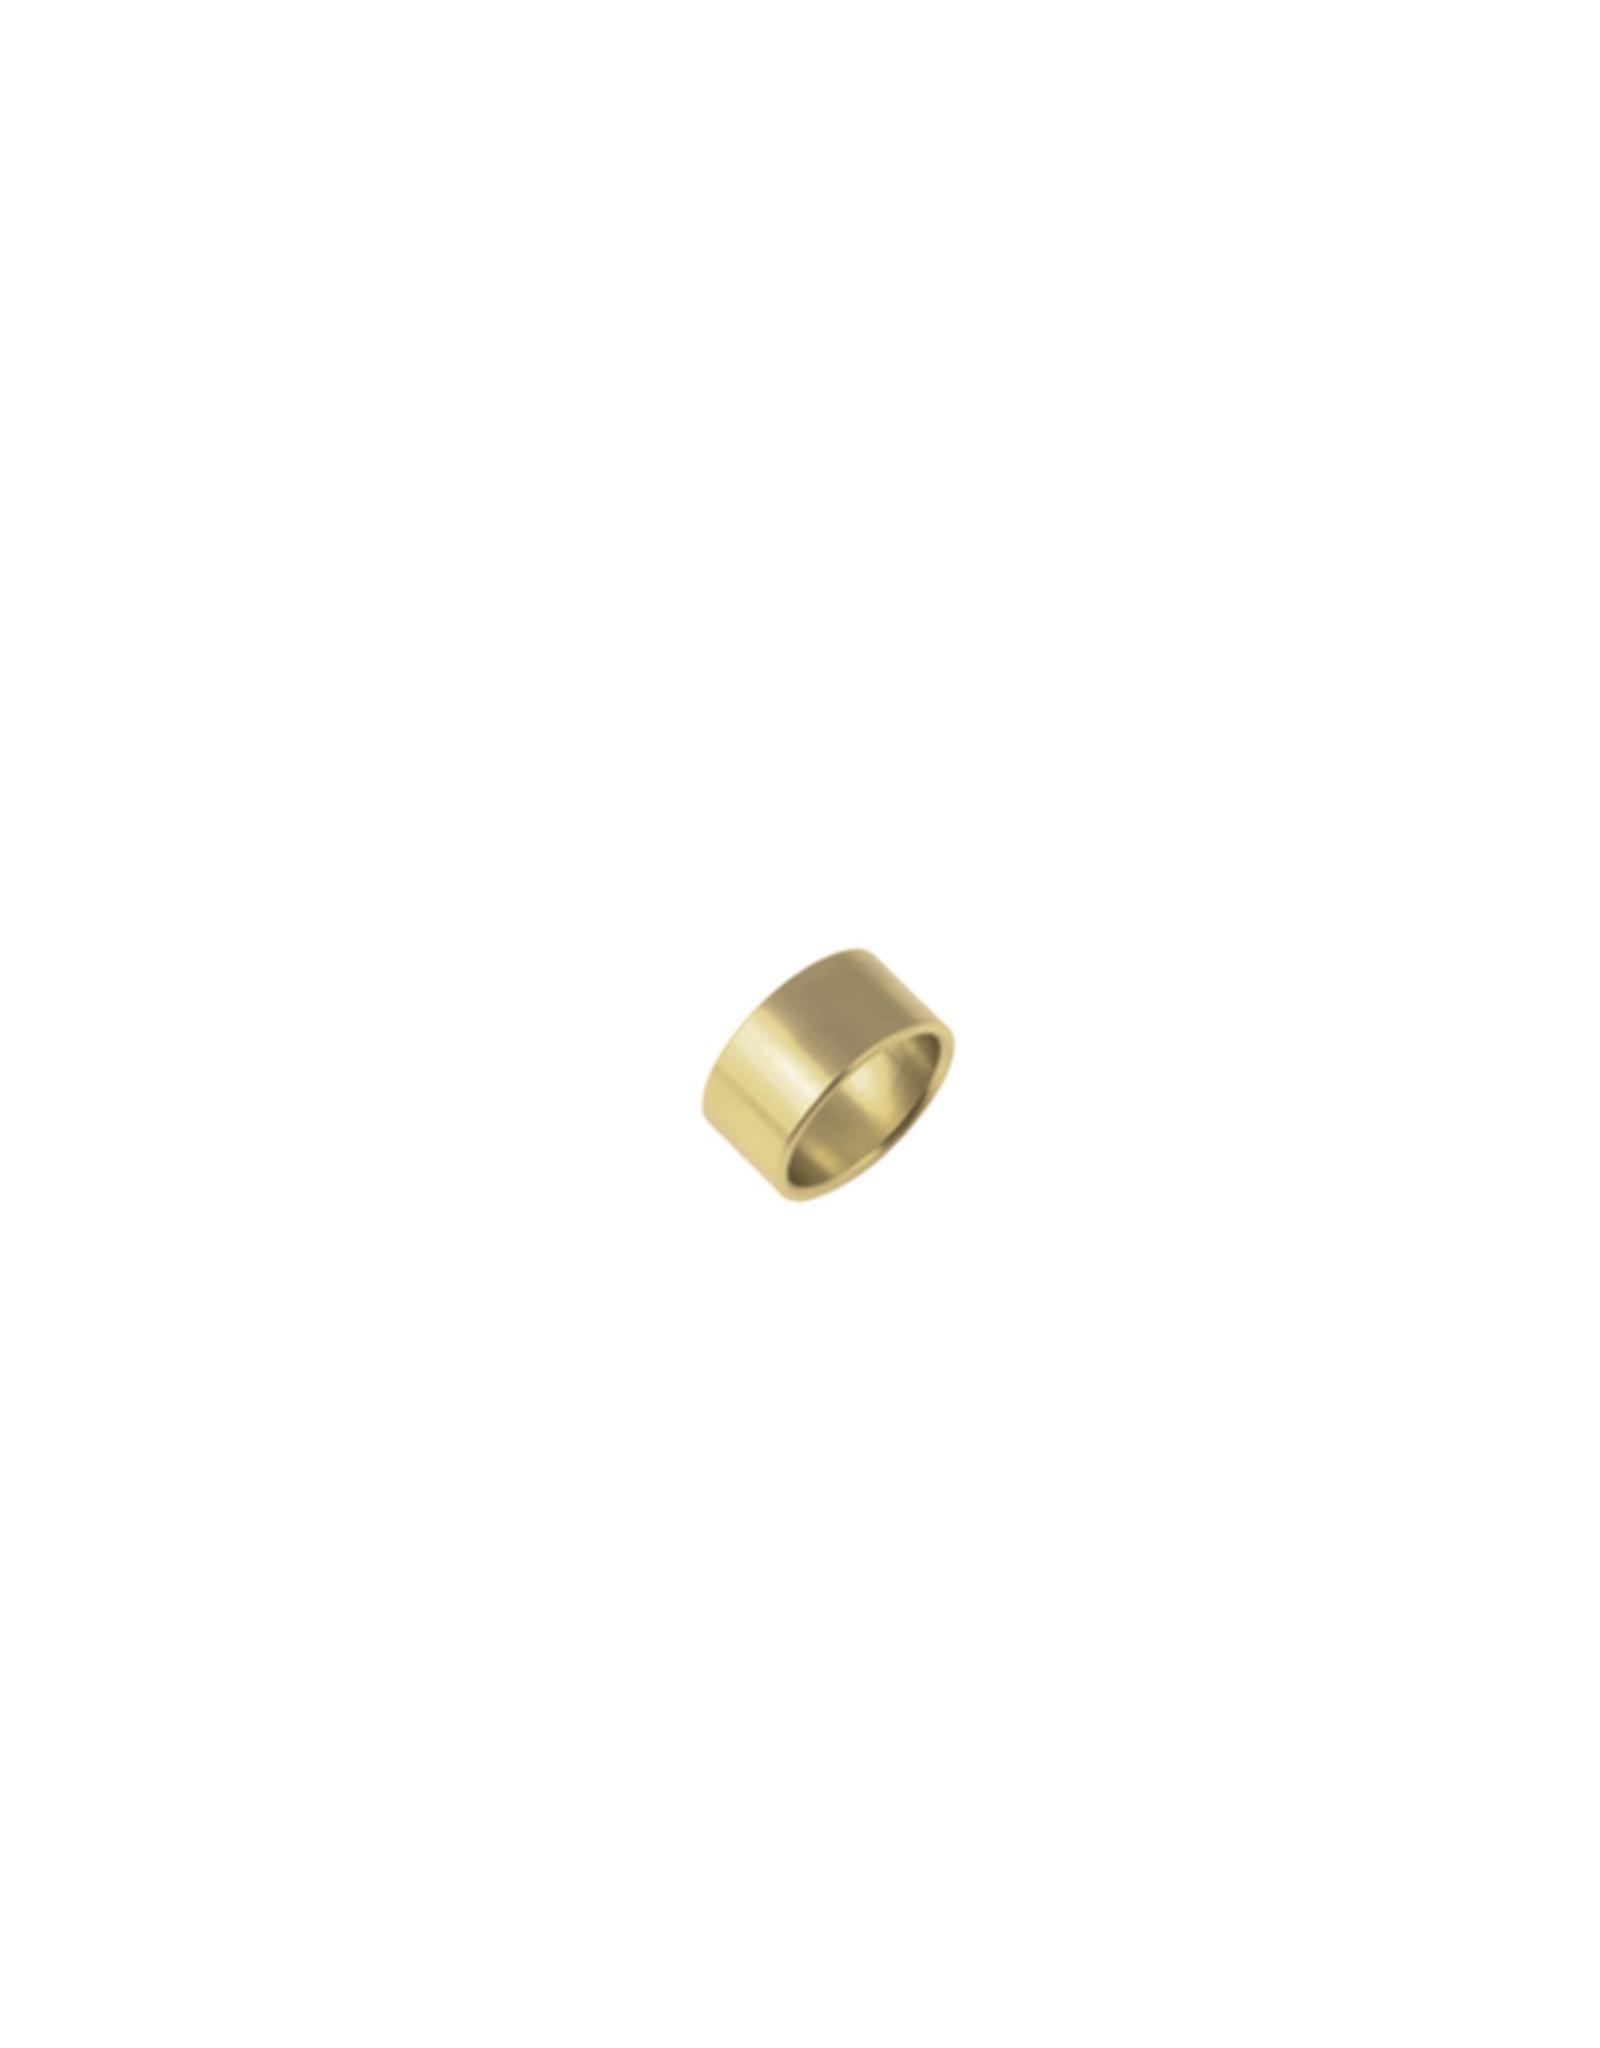 OTK OTK HST fusee stel ring 15x25 MM